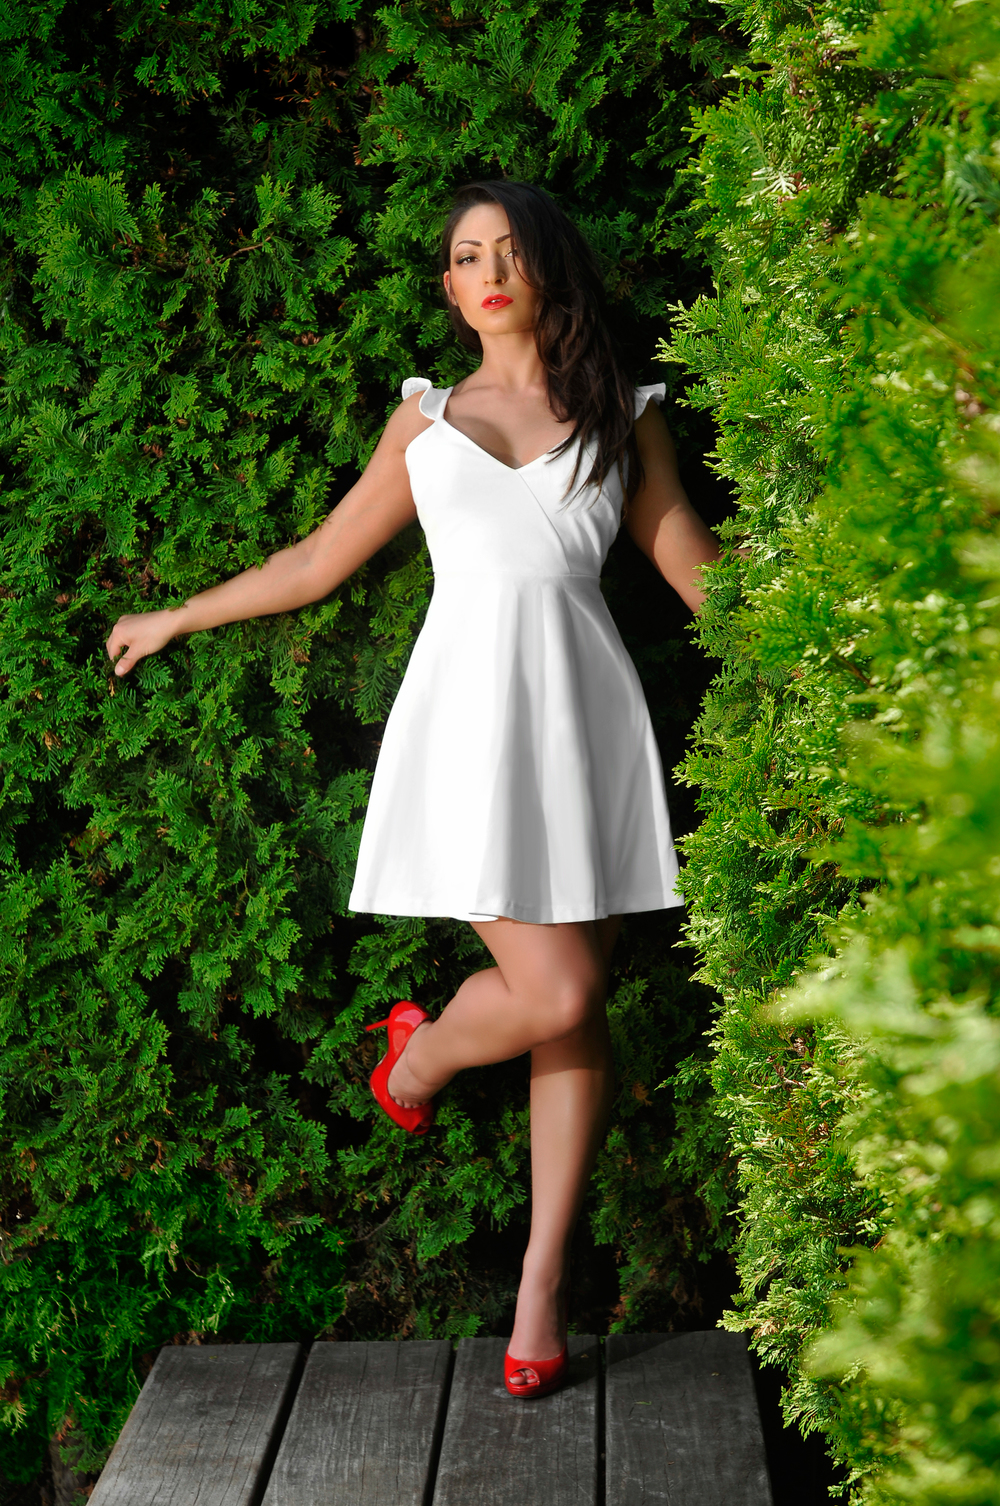 MIKI_portrait2.jpg